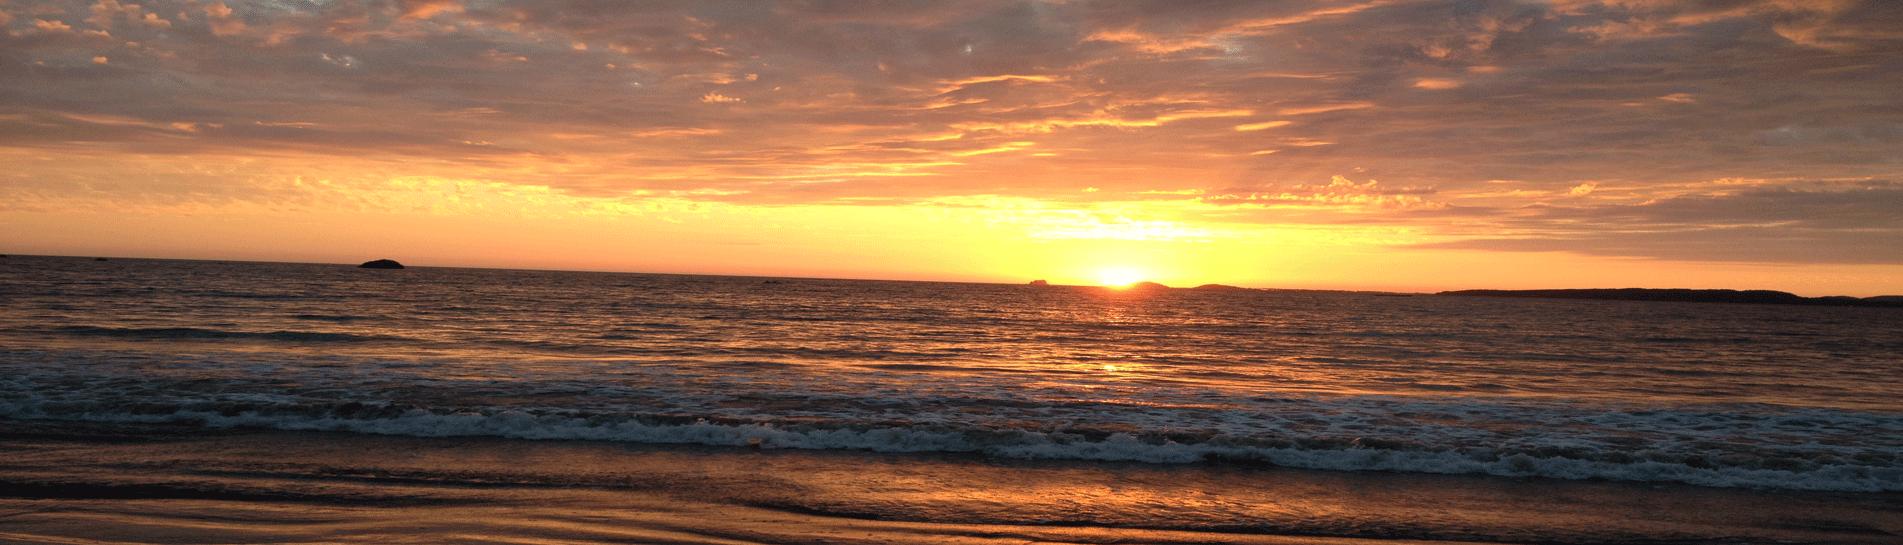 La Manzanilla Sunset